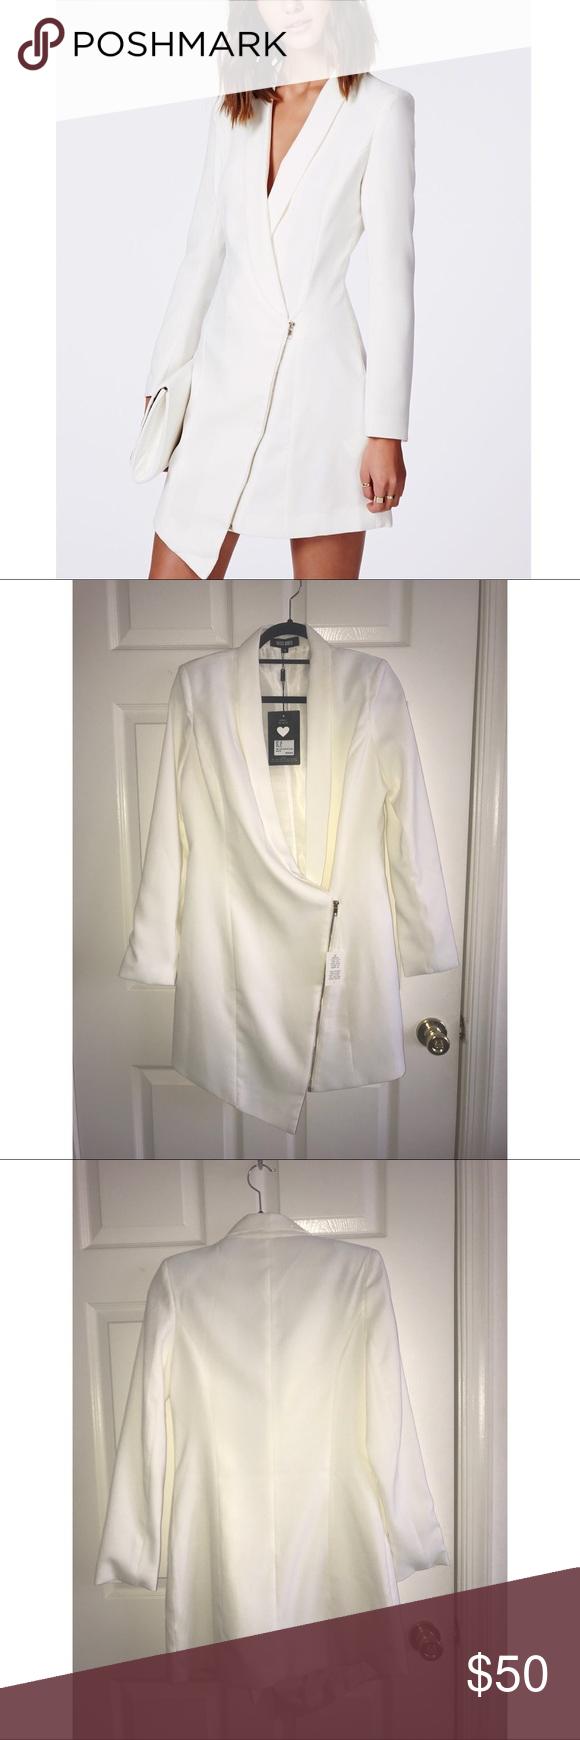 White Tuxedo Dress Tuxedo Dress White Tuxedo Missguided Dress [ 1740 x 580 Pixel ]